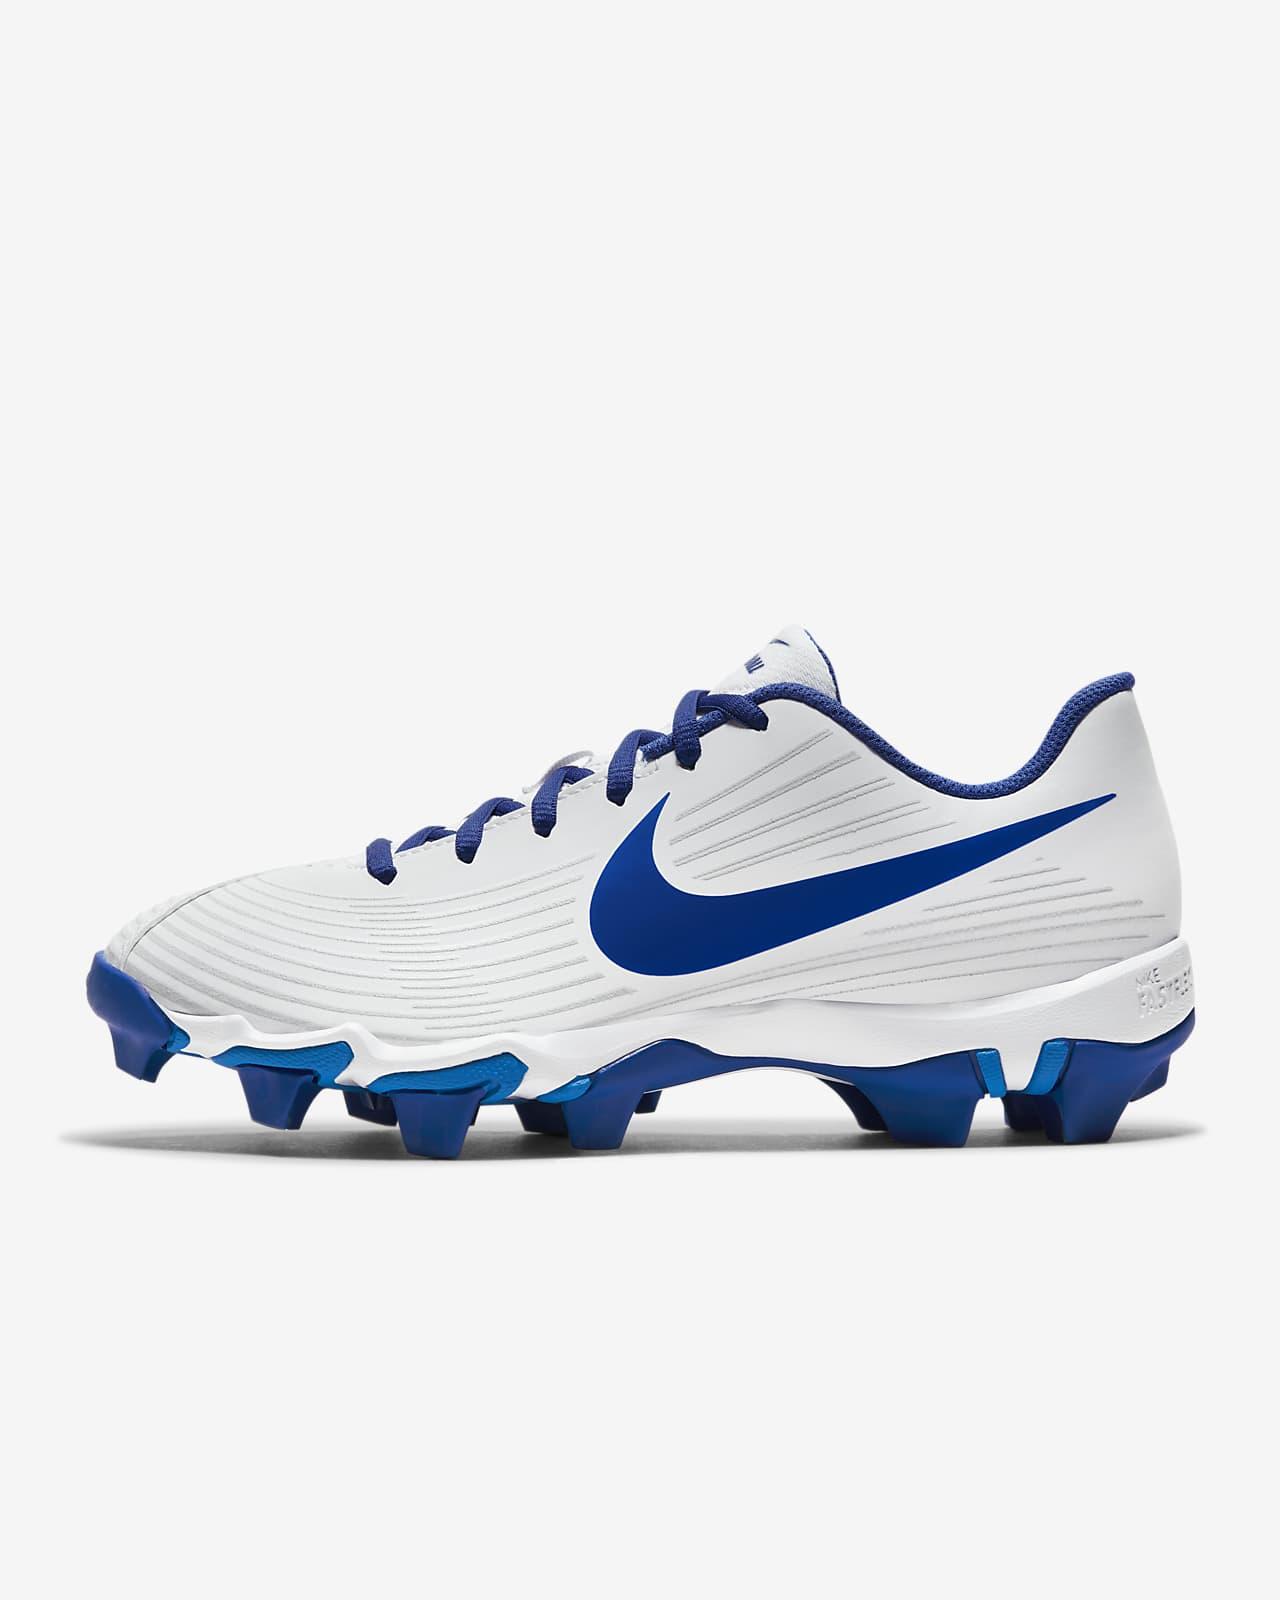 Calzado de softbol para mujer Nike Hyperdiamond 3 Keystone